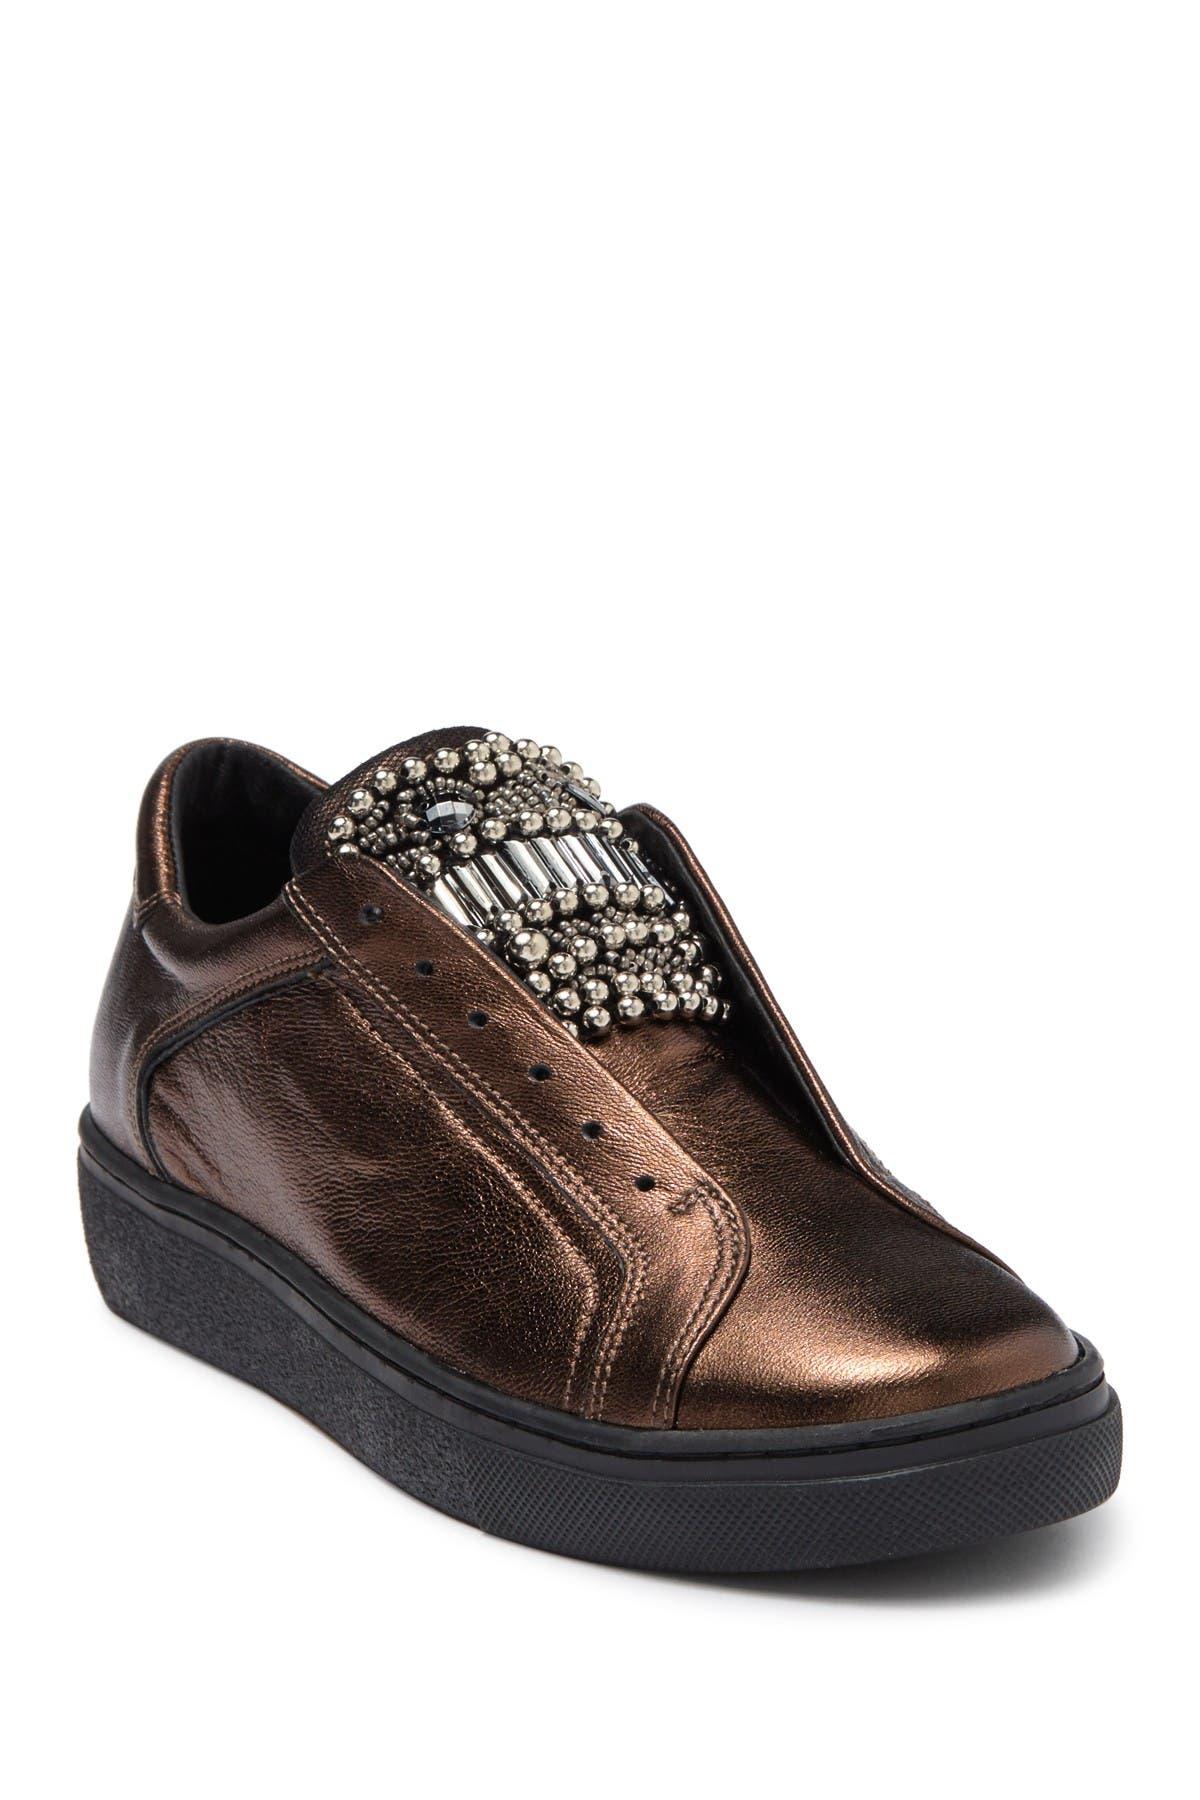 Image of TOSCA BLU Cervinia Embellished Leather Slip-On Sneaker